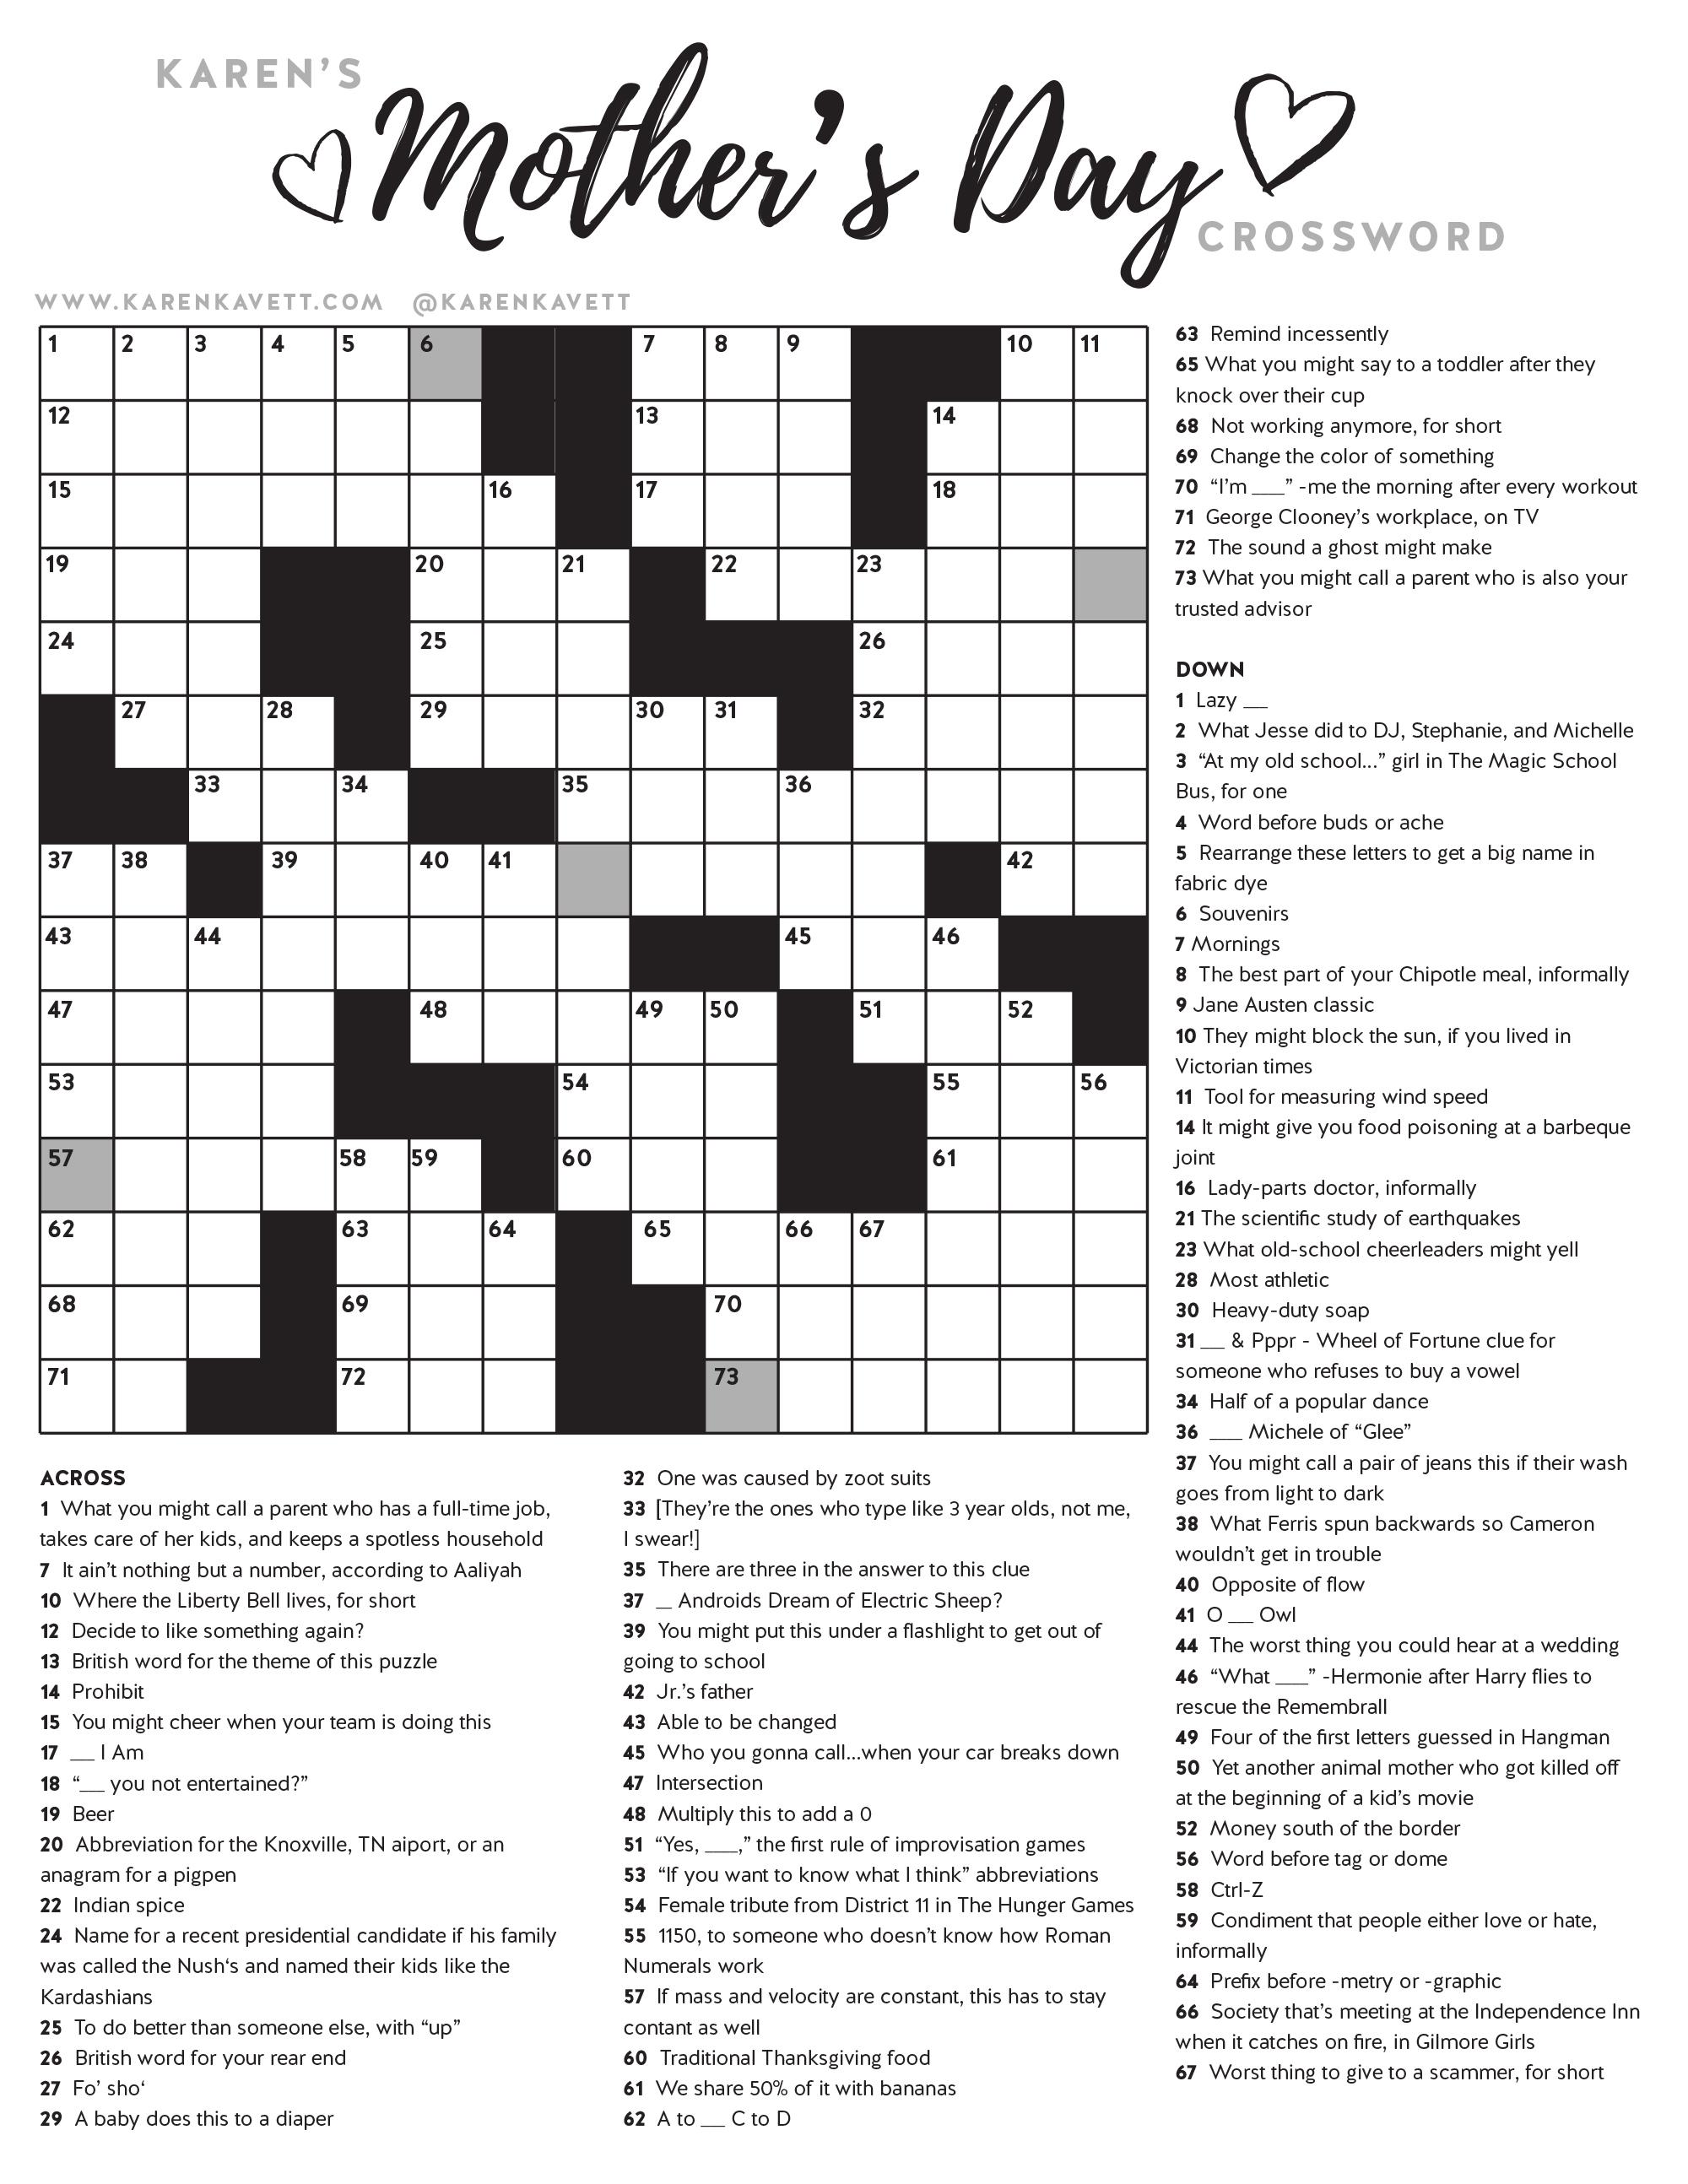 Happy Mother's Day Crossword Puzzle - Karen Kavett - Printable Crossword Puzzles July 2017